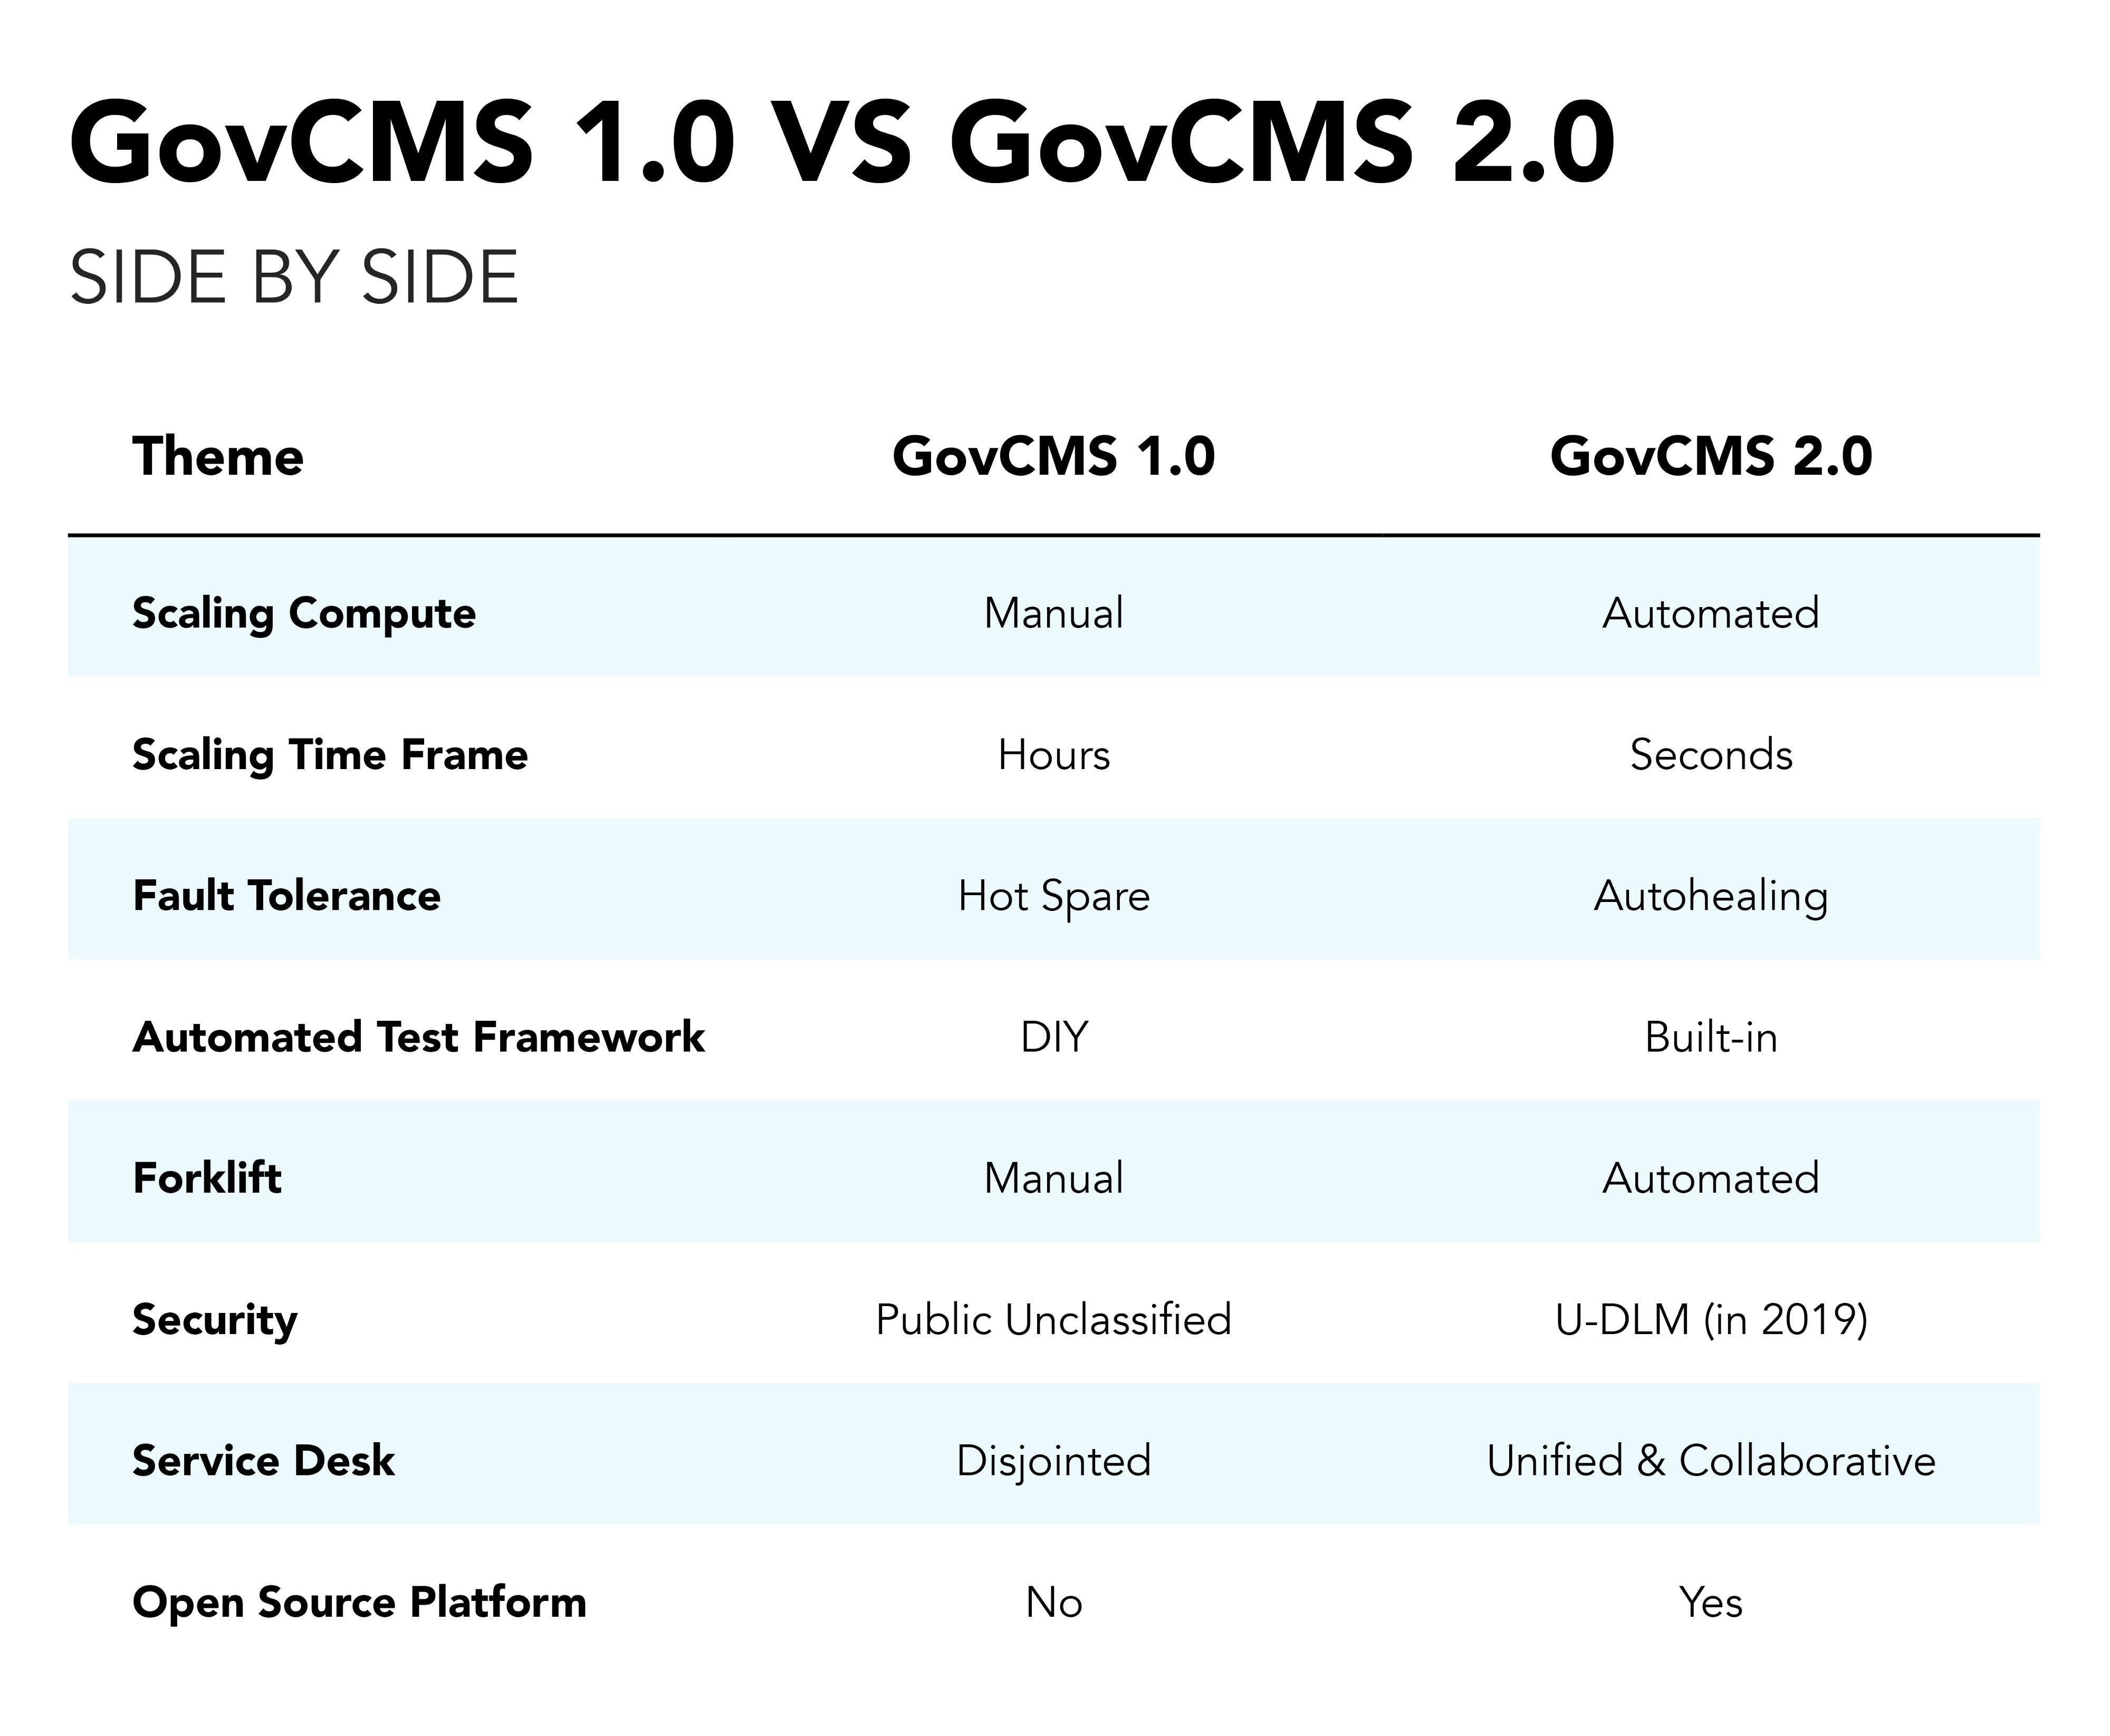 GovCMS 1.0 vs GovCMS 2.0 - Side by side